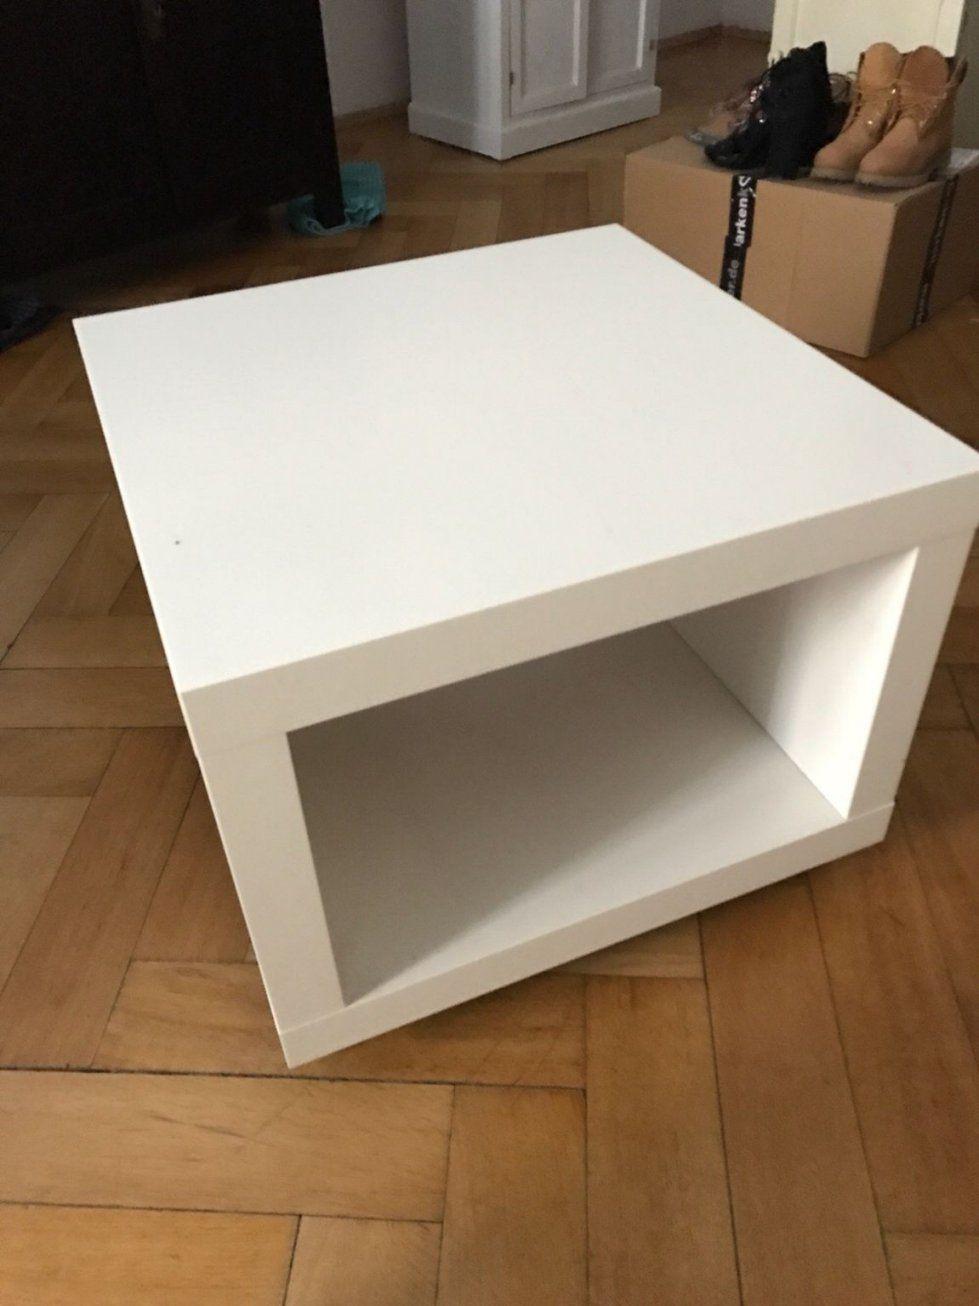 kleiner mit rollen stunning kleiner mit rollen with kleiner mit rollen perfect download by. Black Bedroom Furniture Sets. Home Design Ideas